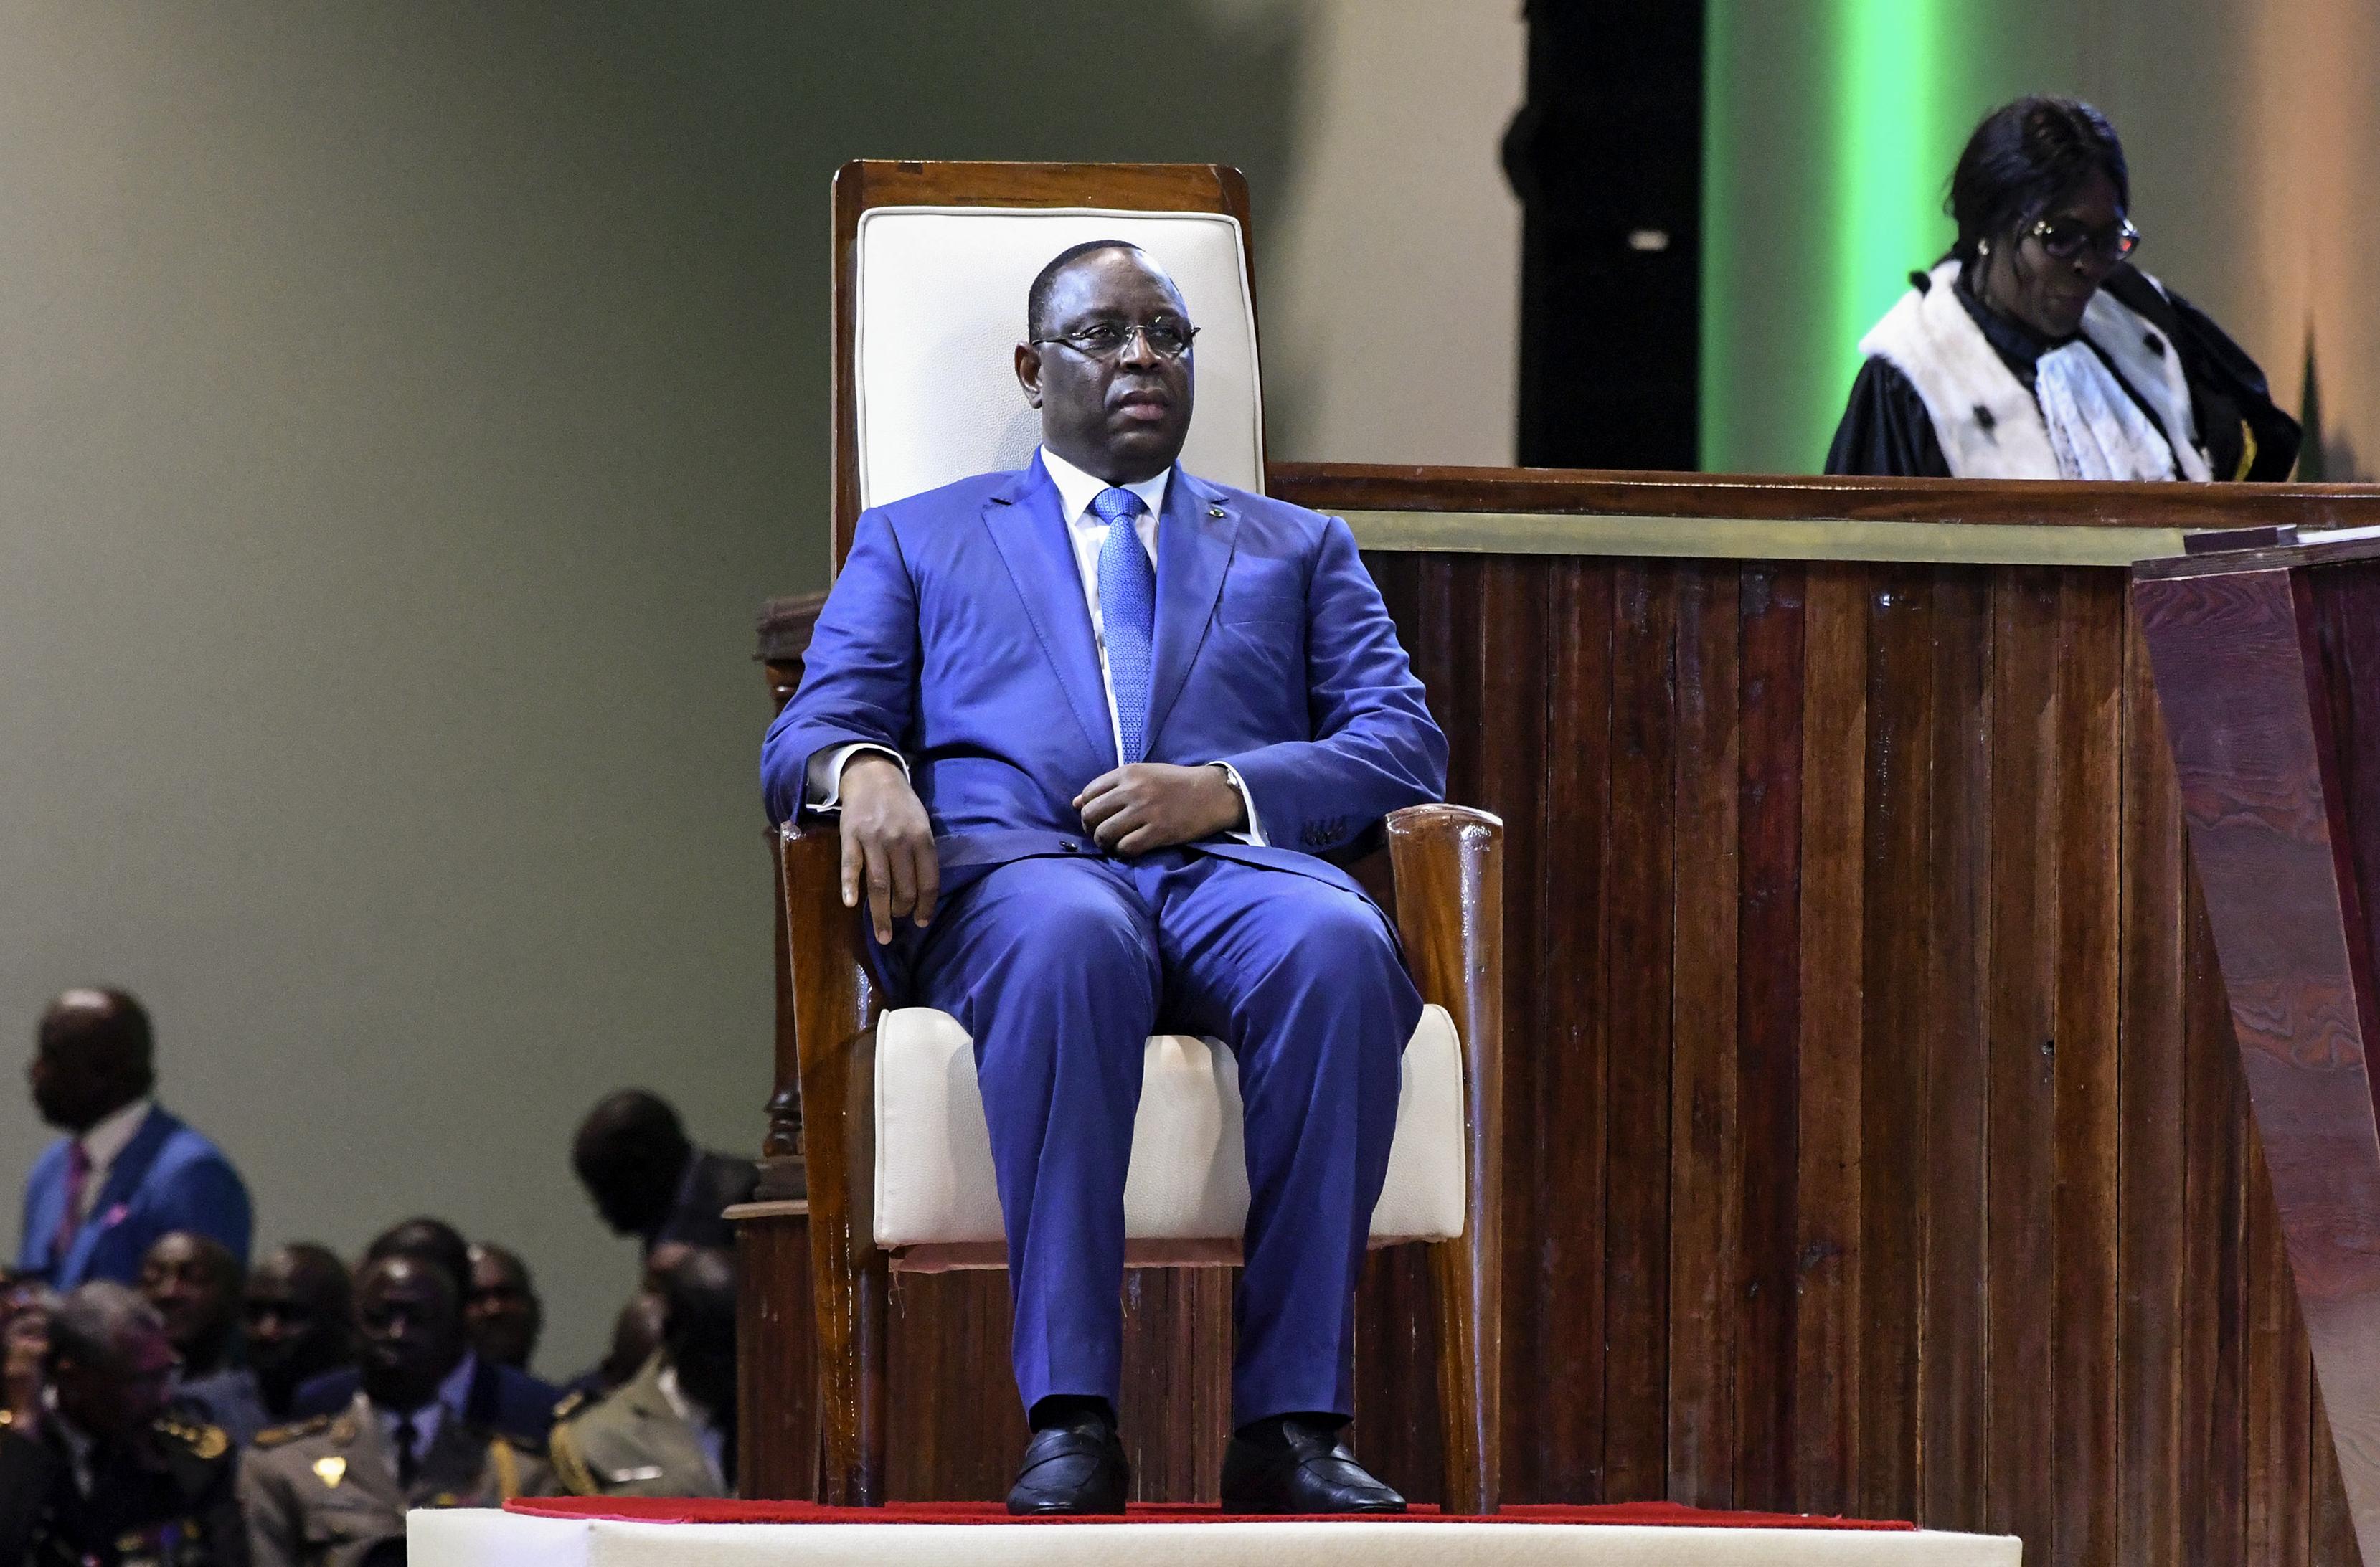 Elnöki rendszert vezetnek be Szenegálban